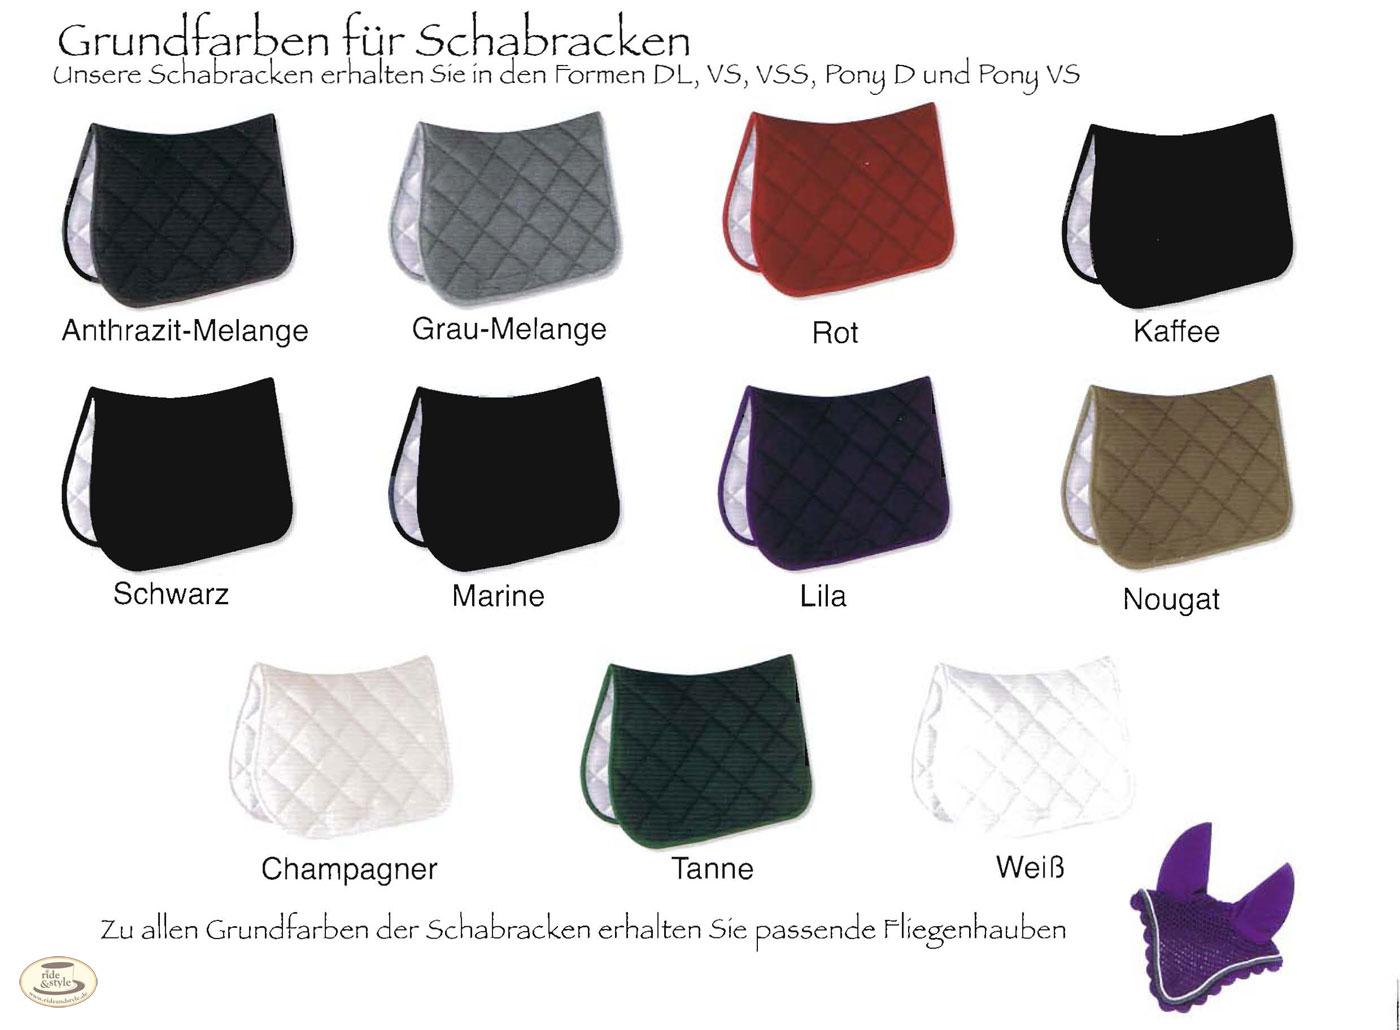 esperado-schabracken-uebersicht2011